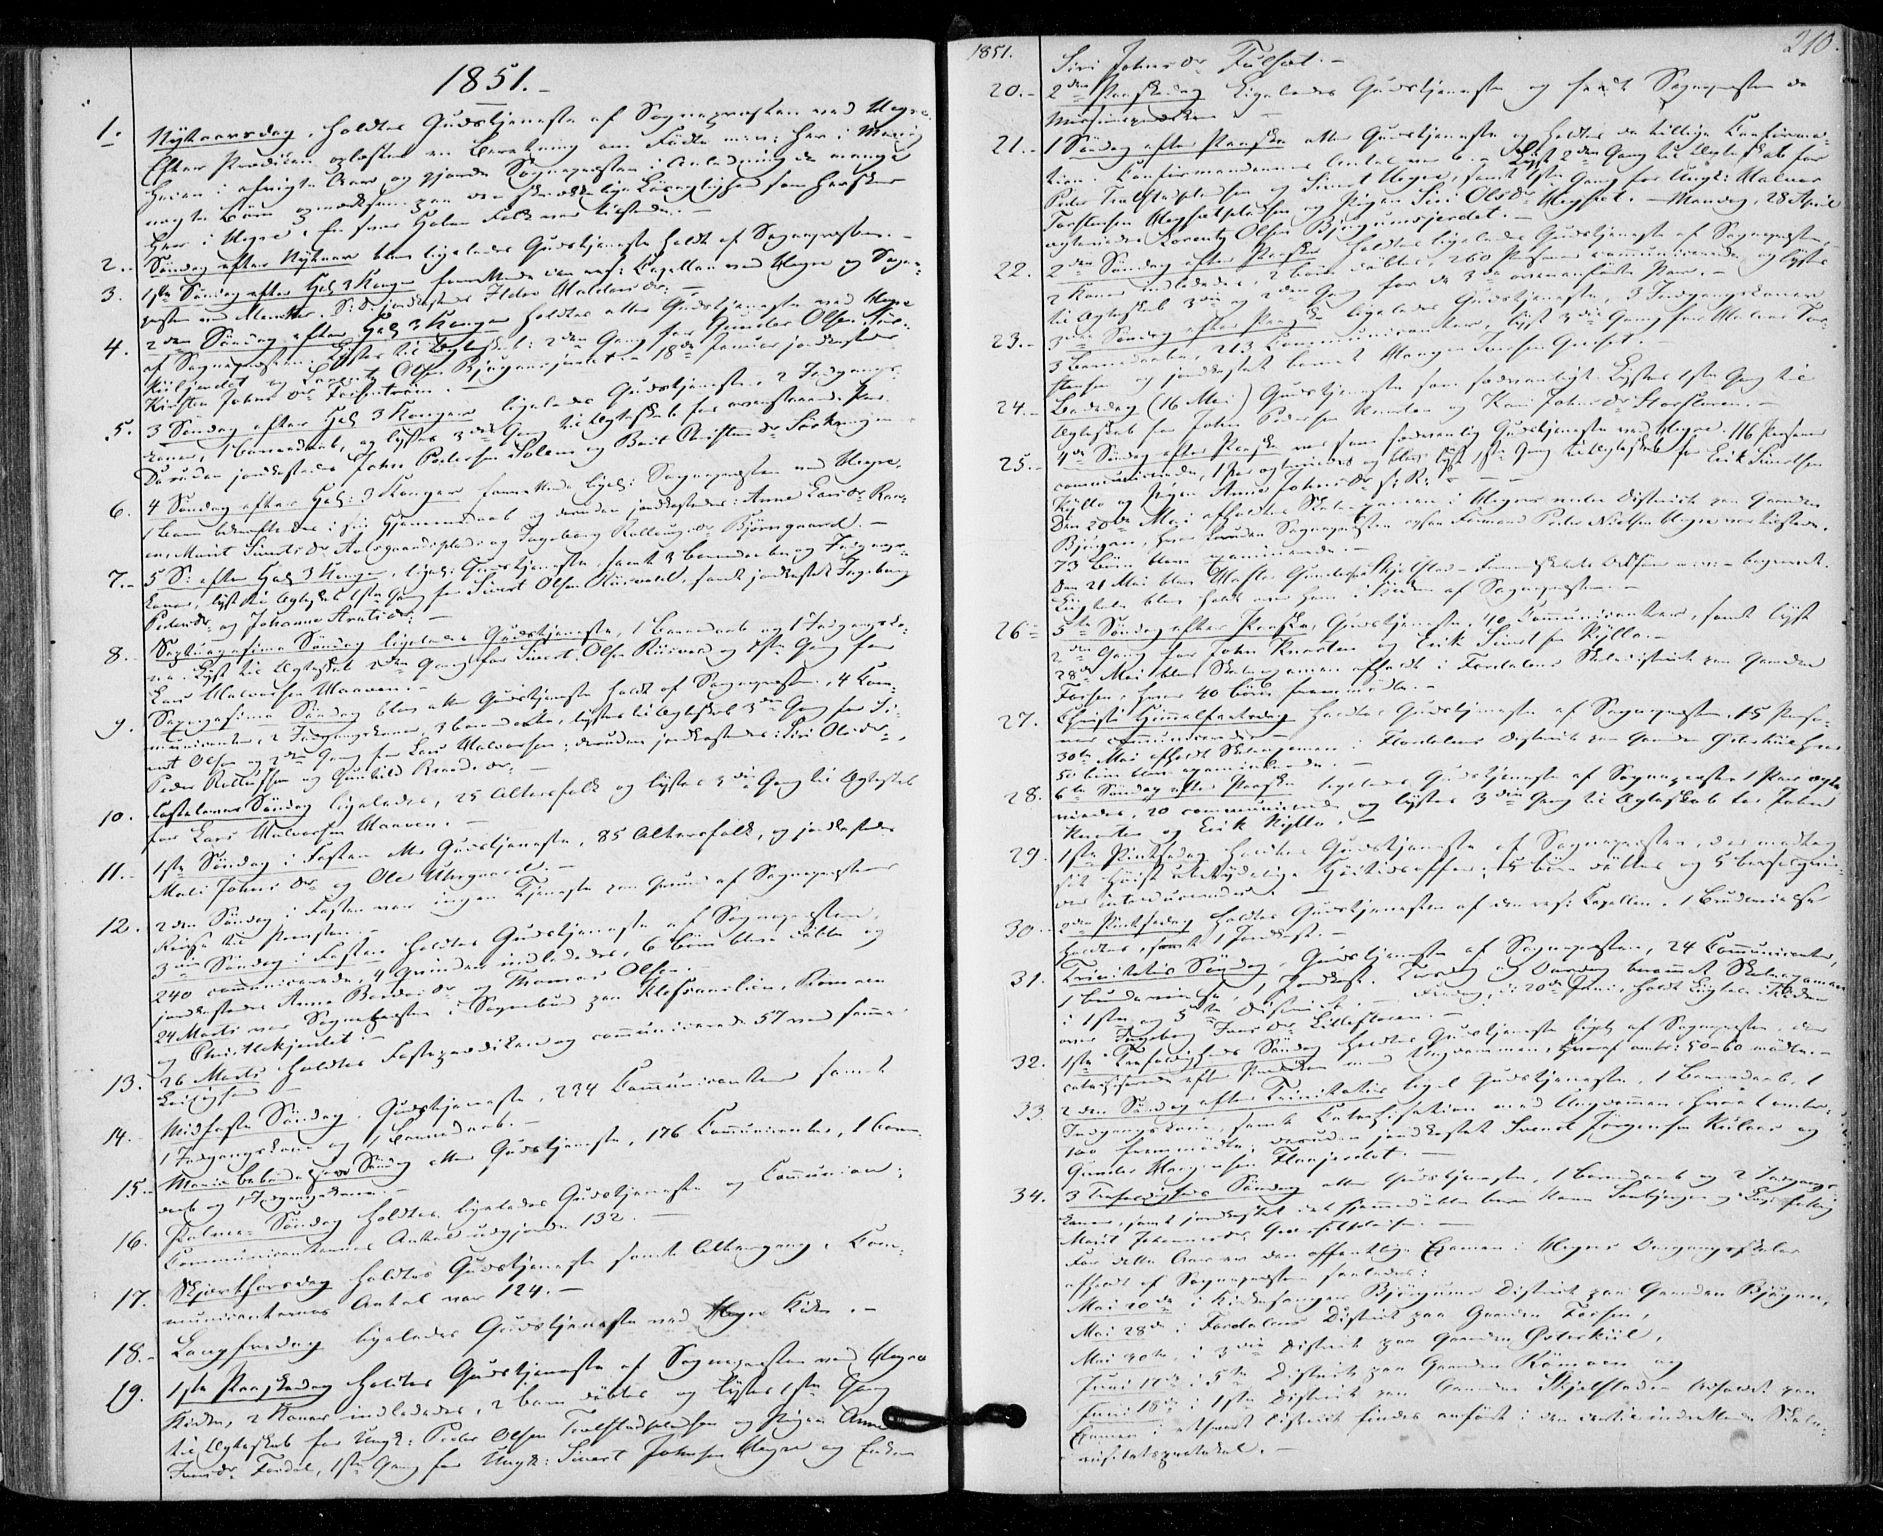 SAT, Ministerialprotokoller, klokkerbøker og fødselsregistre - Nord-Trøndelag, 703/L0028: Ministerialbok nr. 703A01, 1850-1862, s. 210